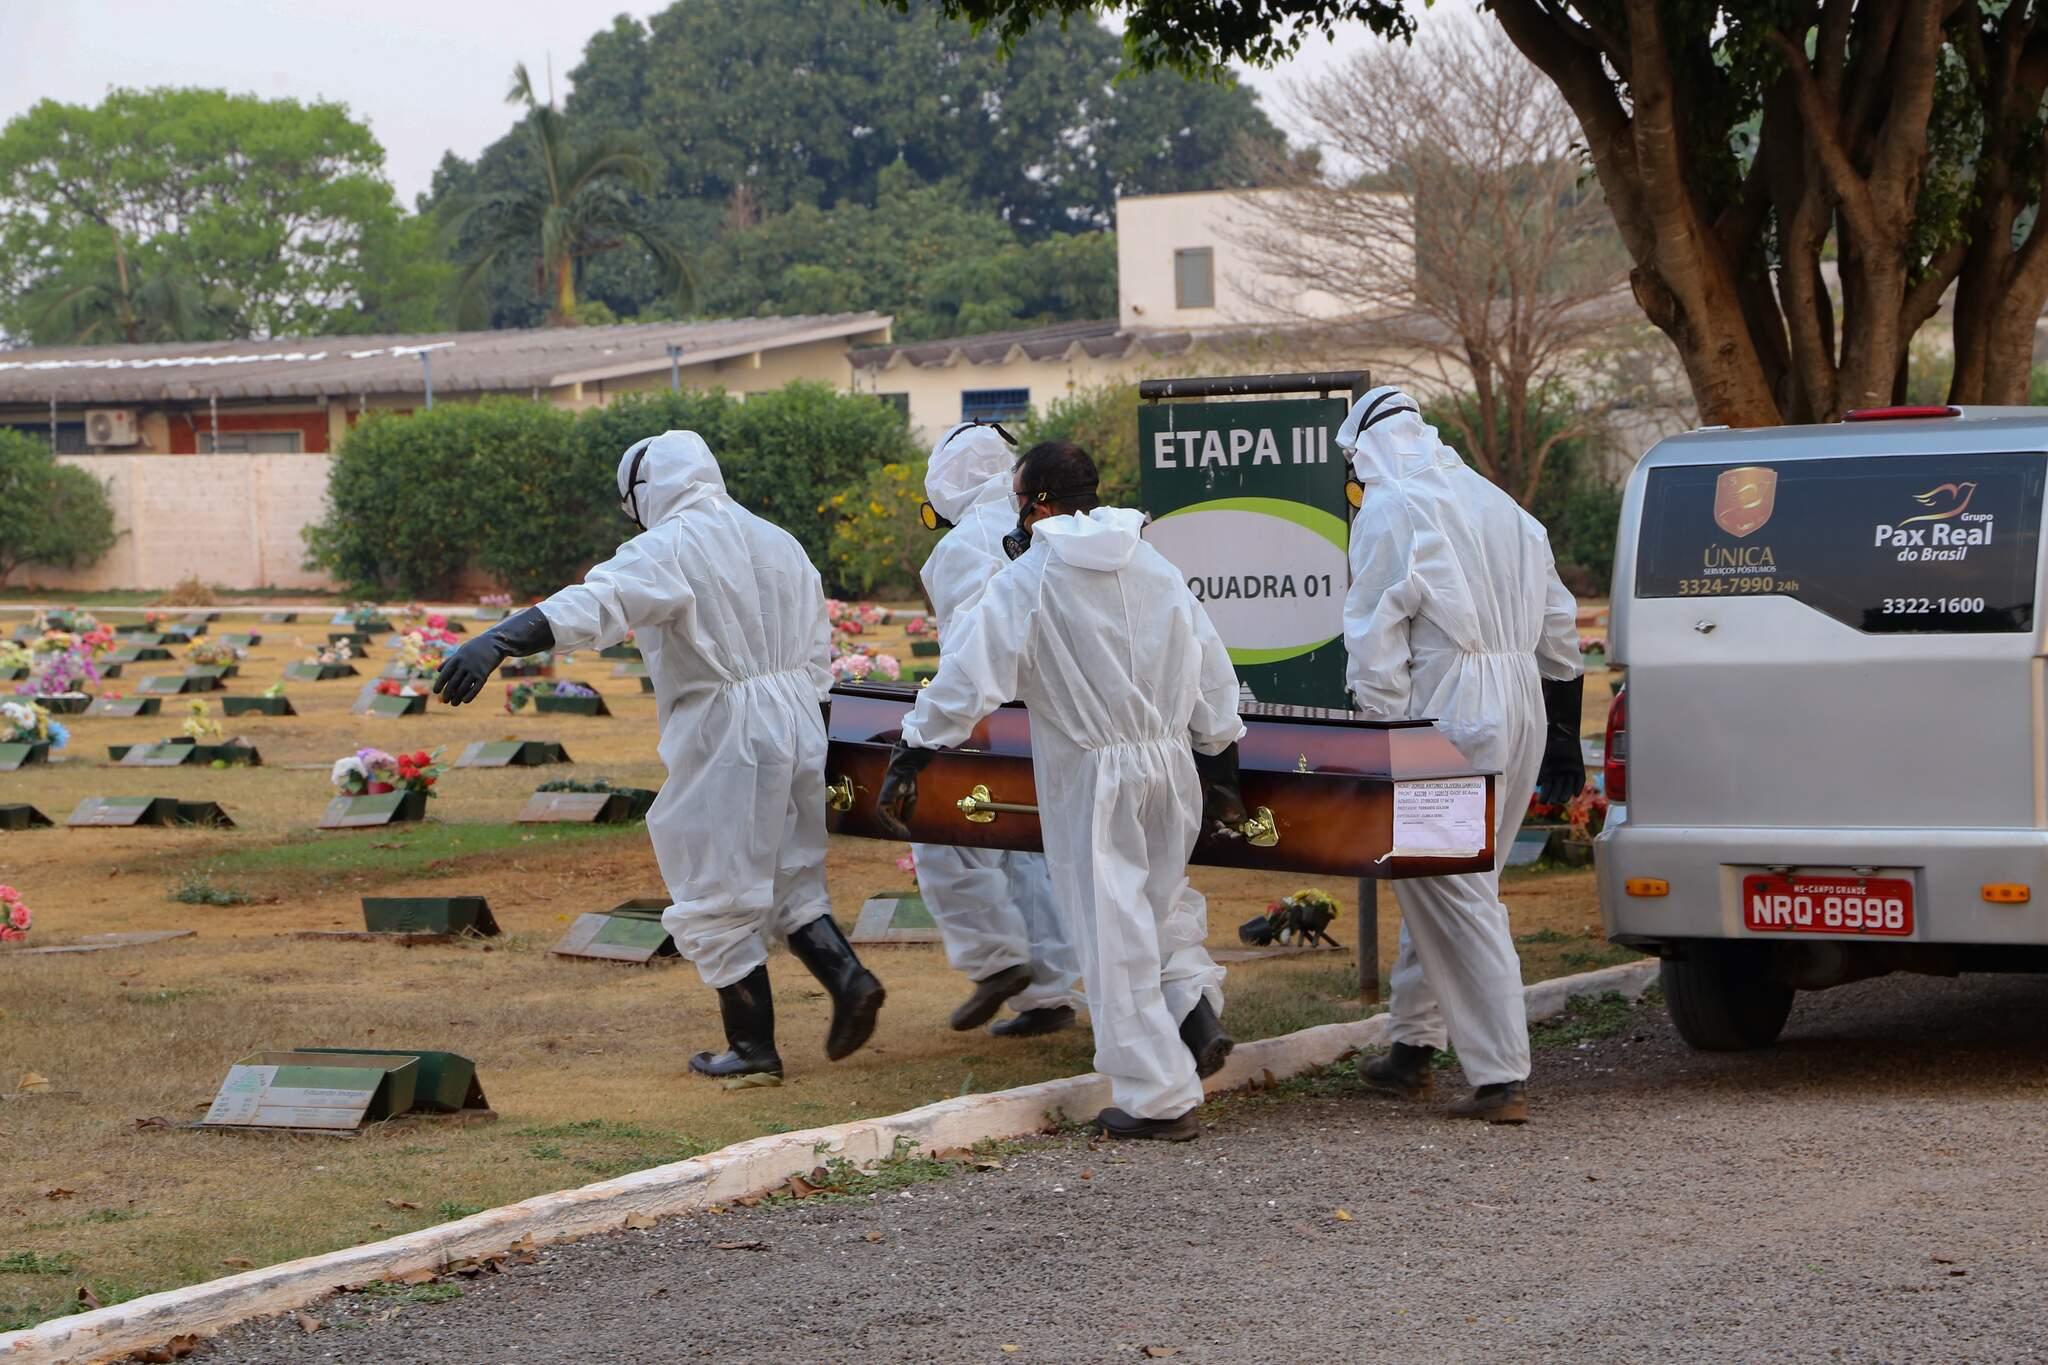 Vítima da covid-19 é sepultada em cemitério na Capital; foto foi tirada no início de outubro (Foto: Kisie Ainoã/Arquivo)